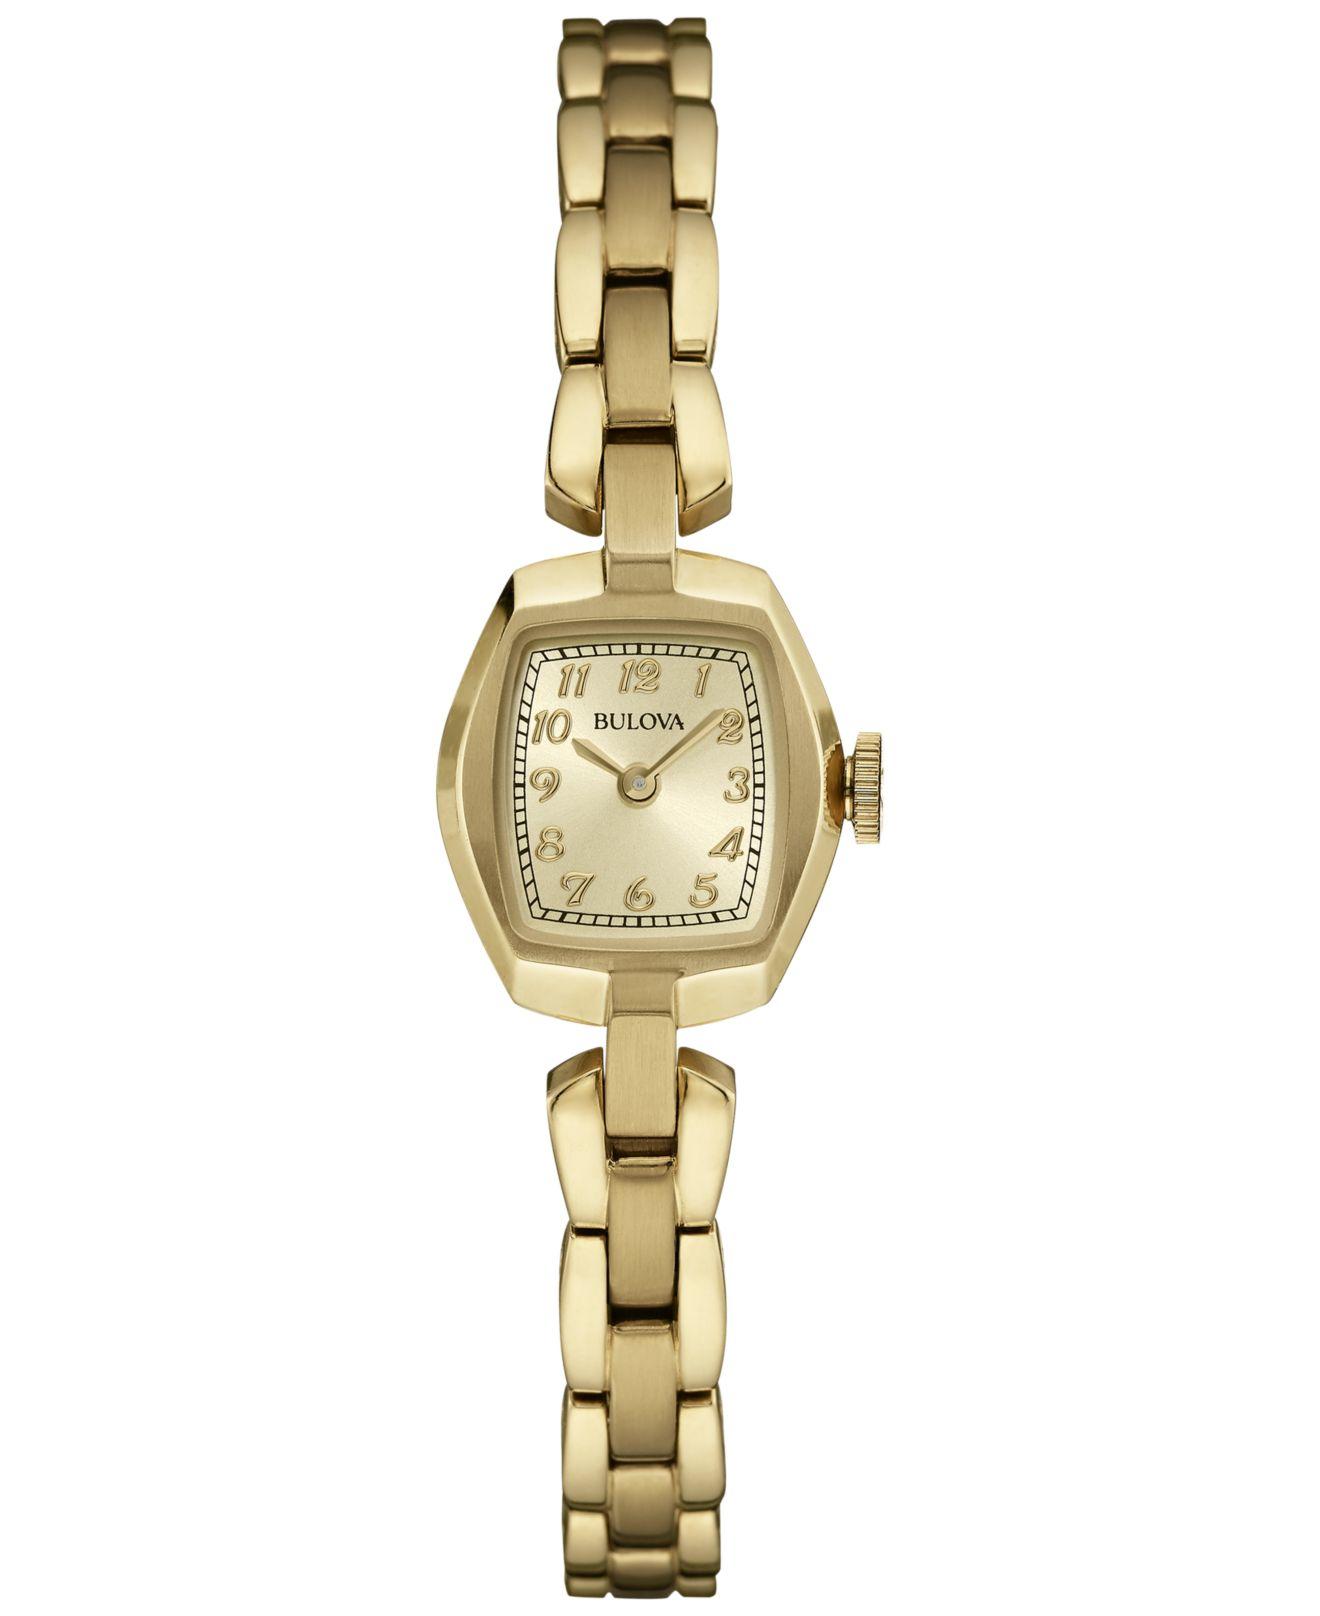 bulova s gold tone stainless steel bracelet